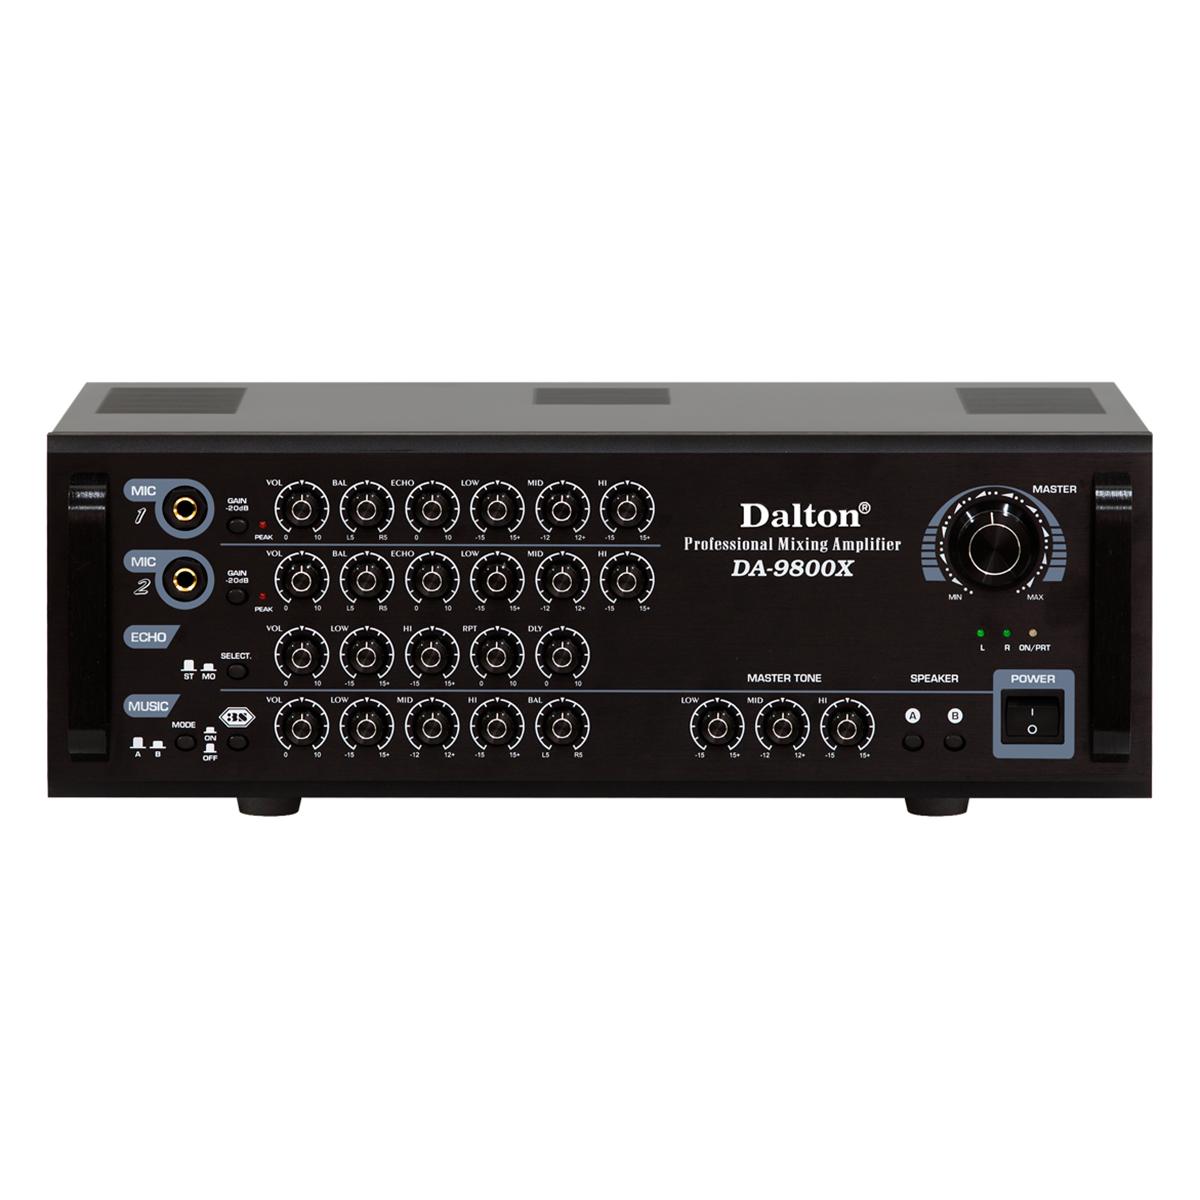 Ampli Dalton DA-9800X